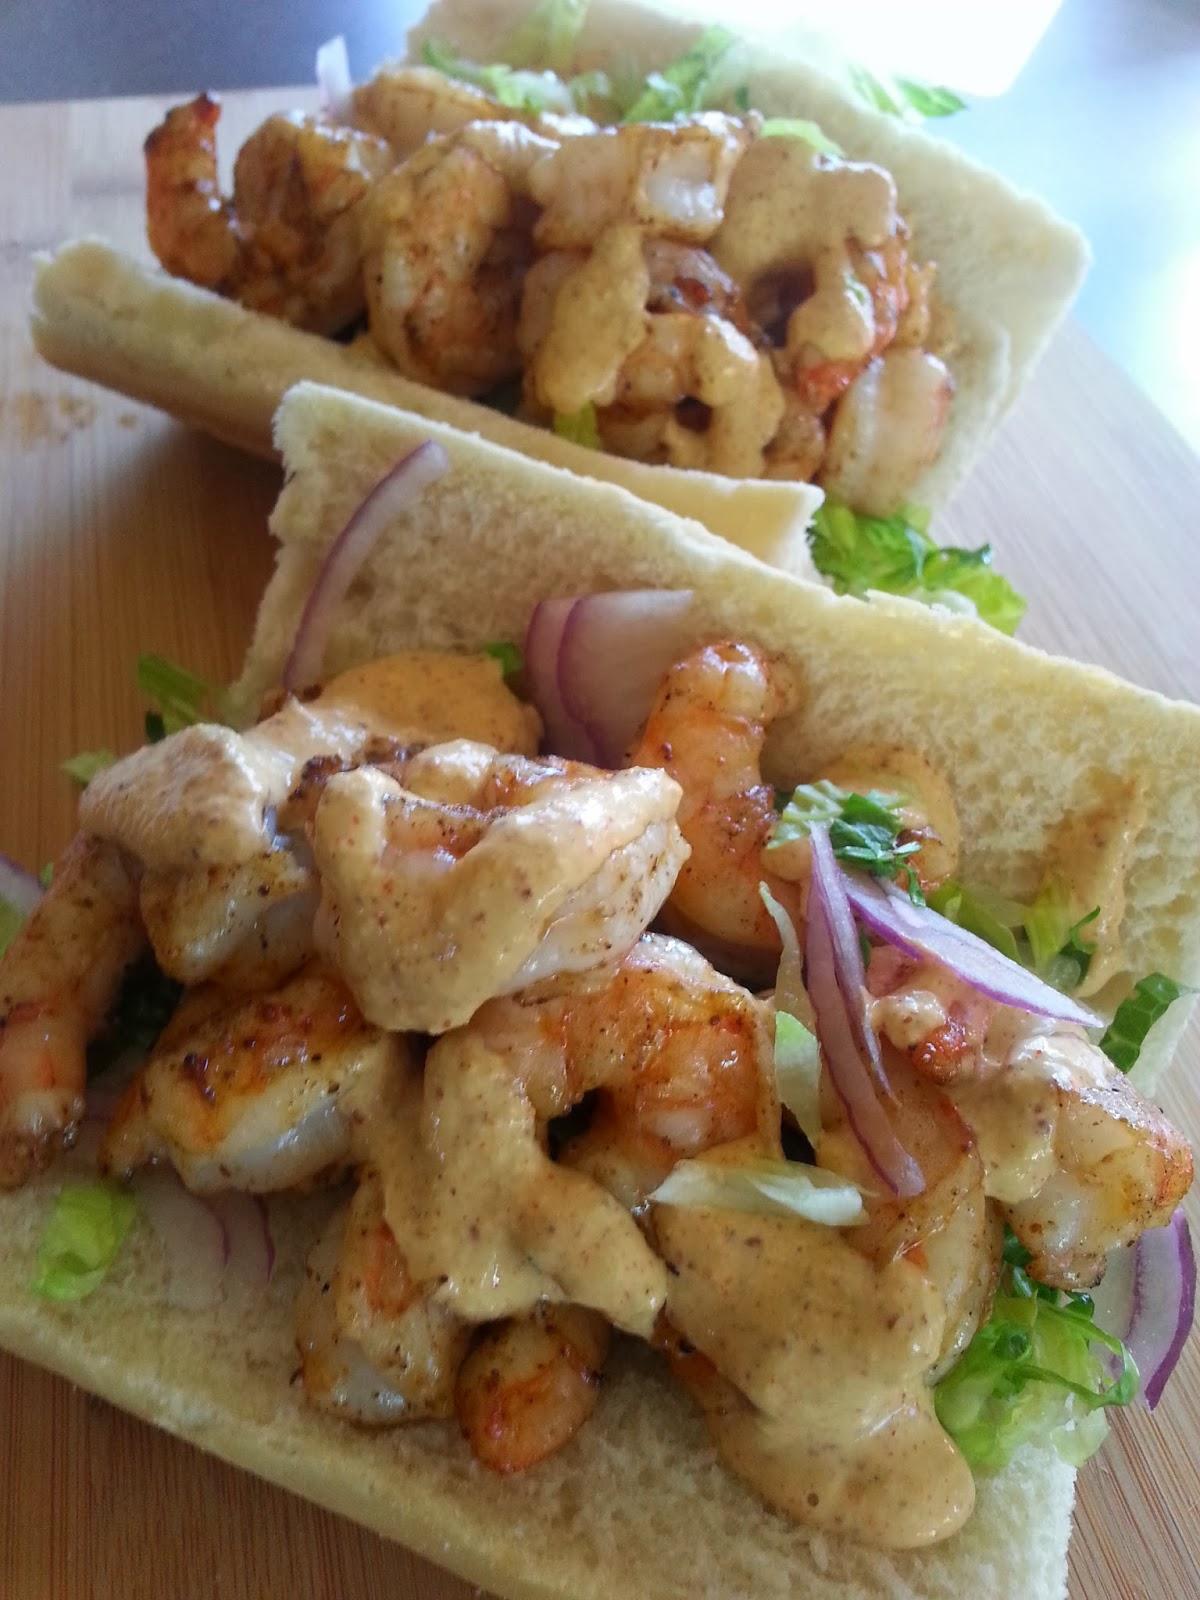 Shrimp and more Shrimp (Grilled Shrimp Po'boys with Remoulade